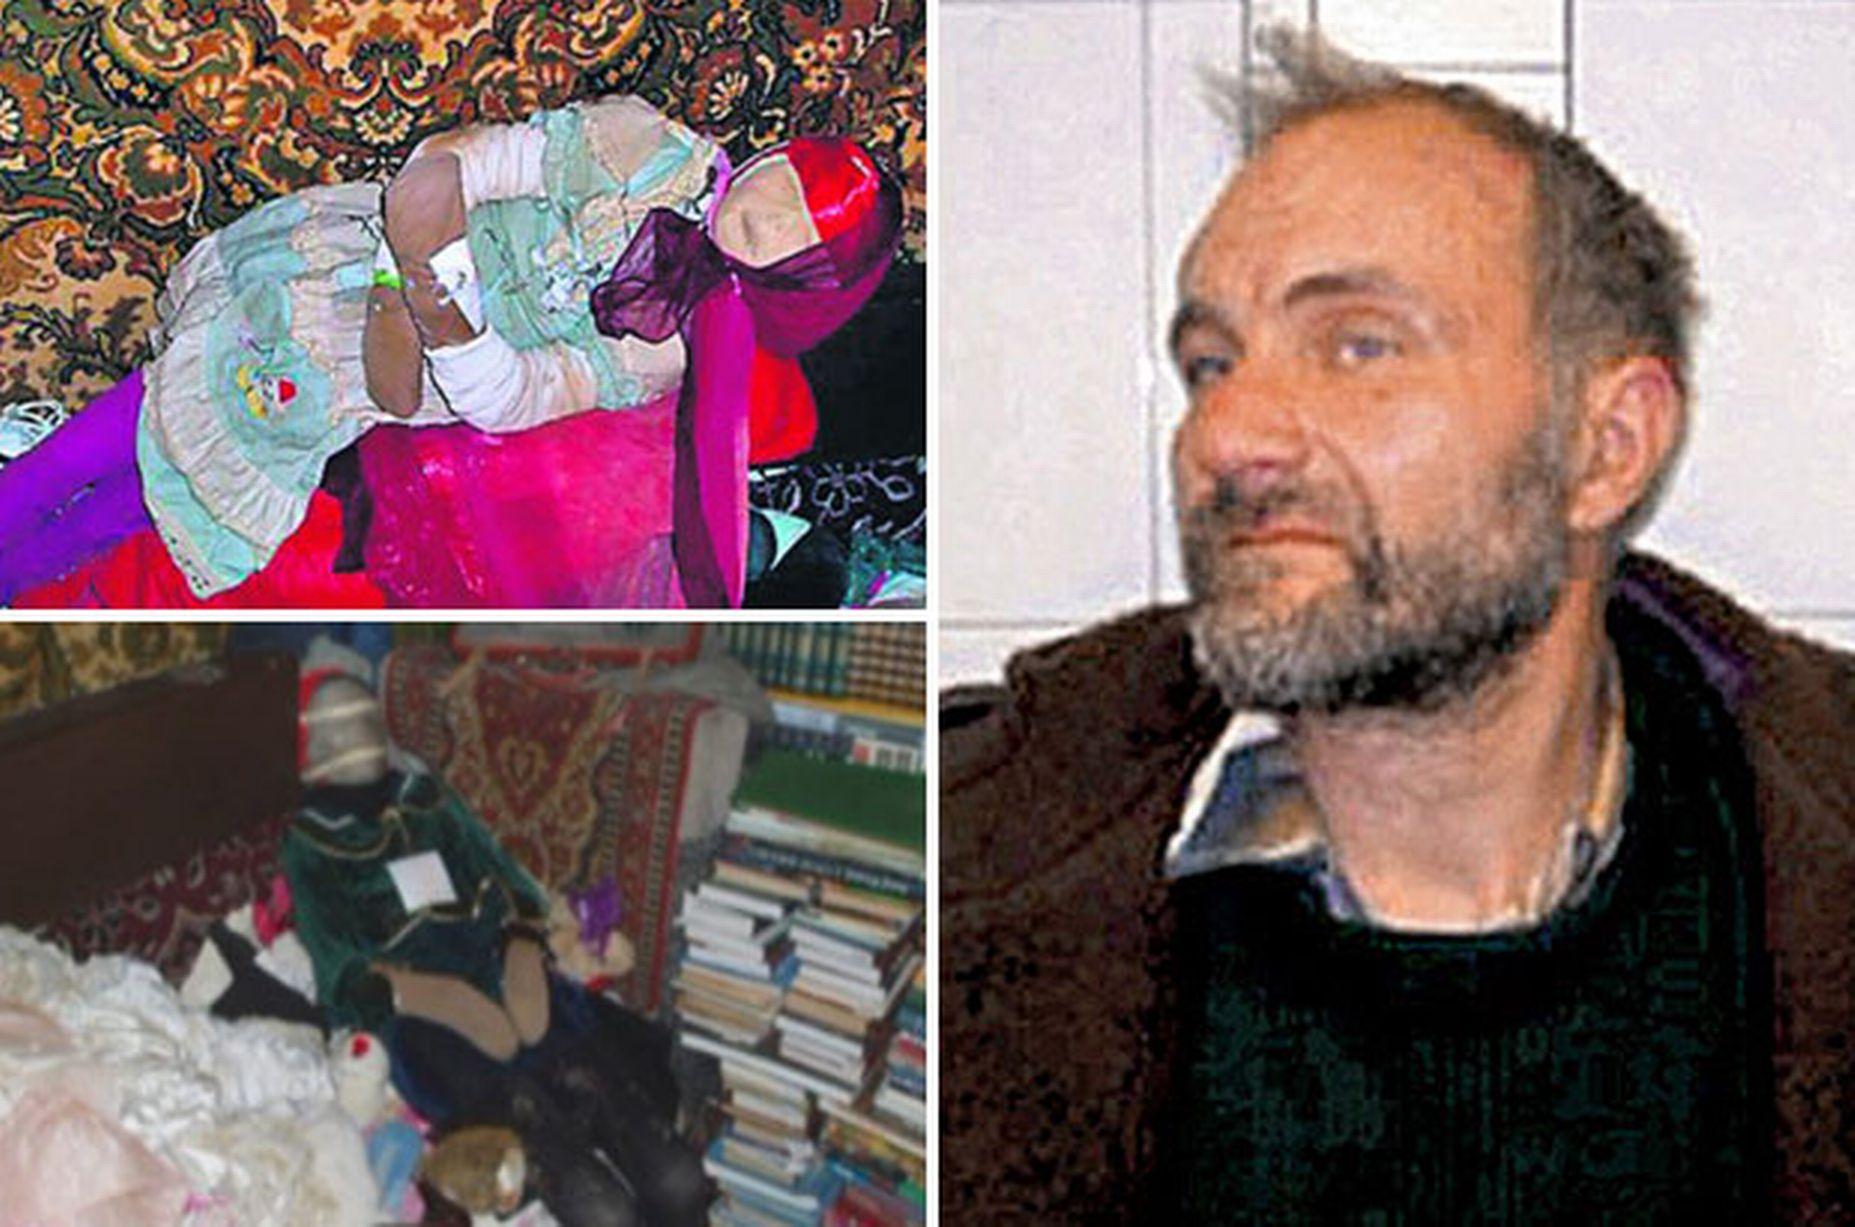 Kẻ tâm thần đào trộm 150 ngôi mộ để sưu tập thi thể các bé gái 5